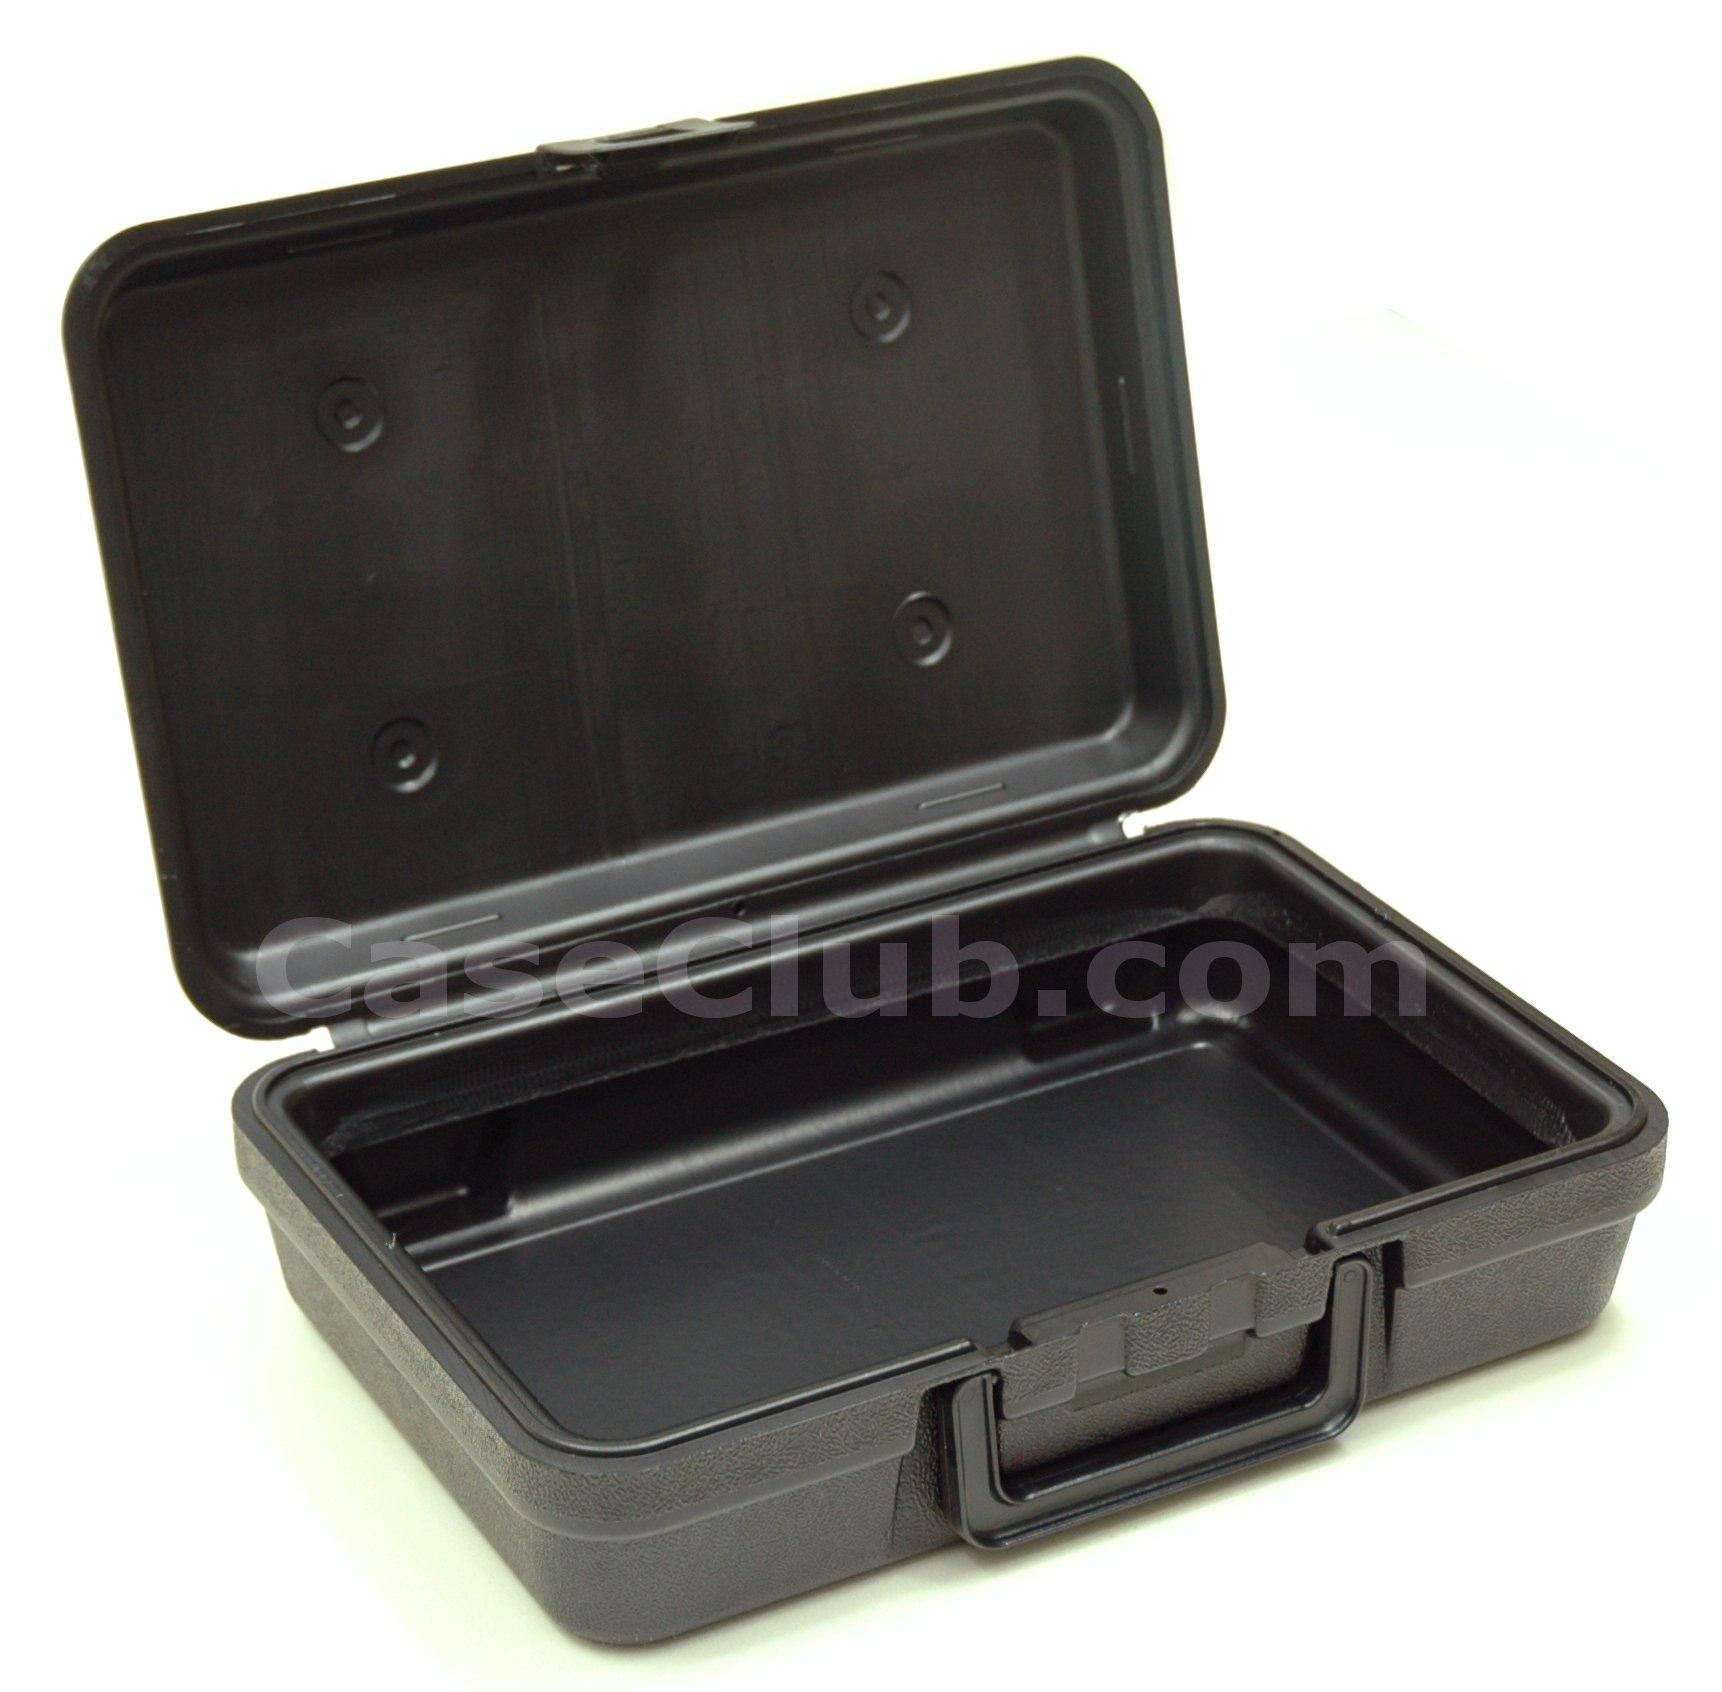 B12x8.0x3.5 Case